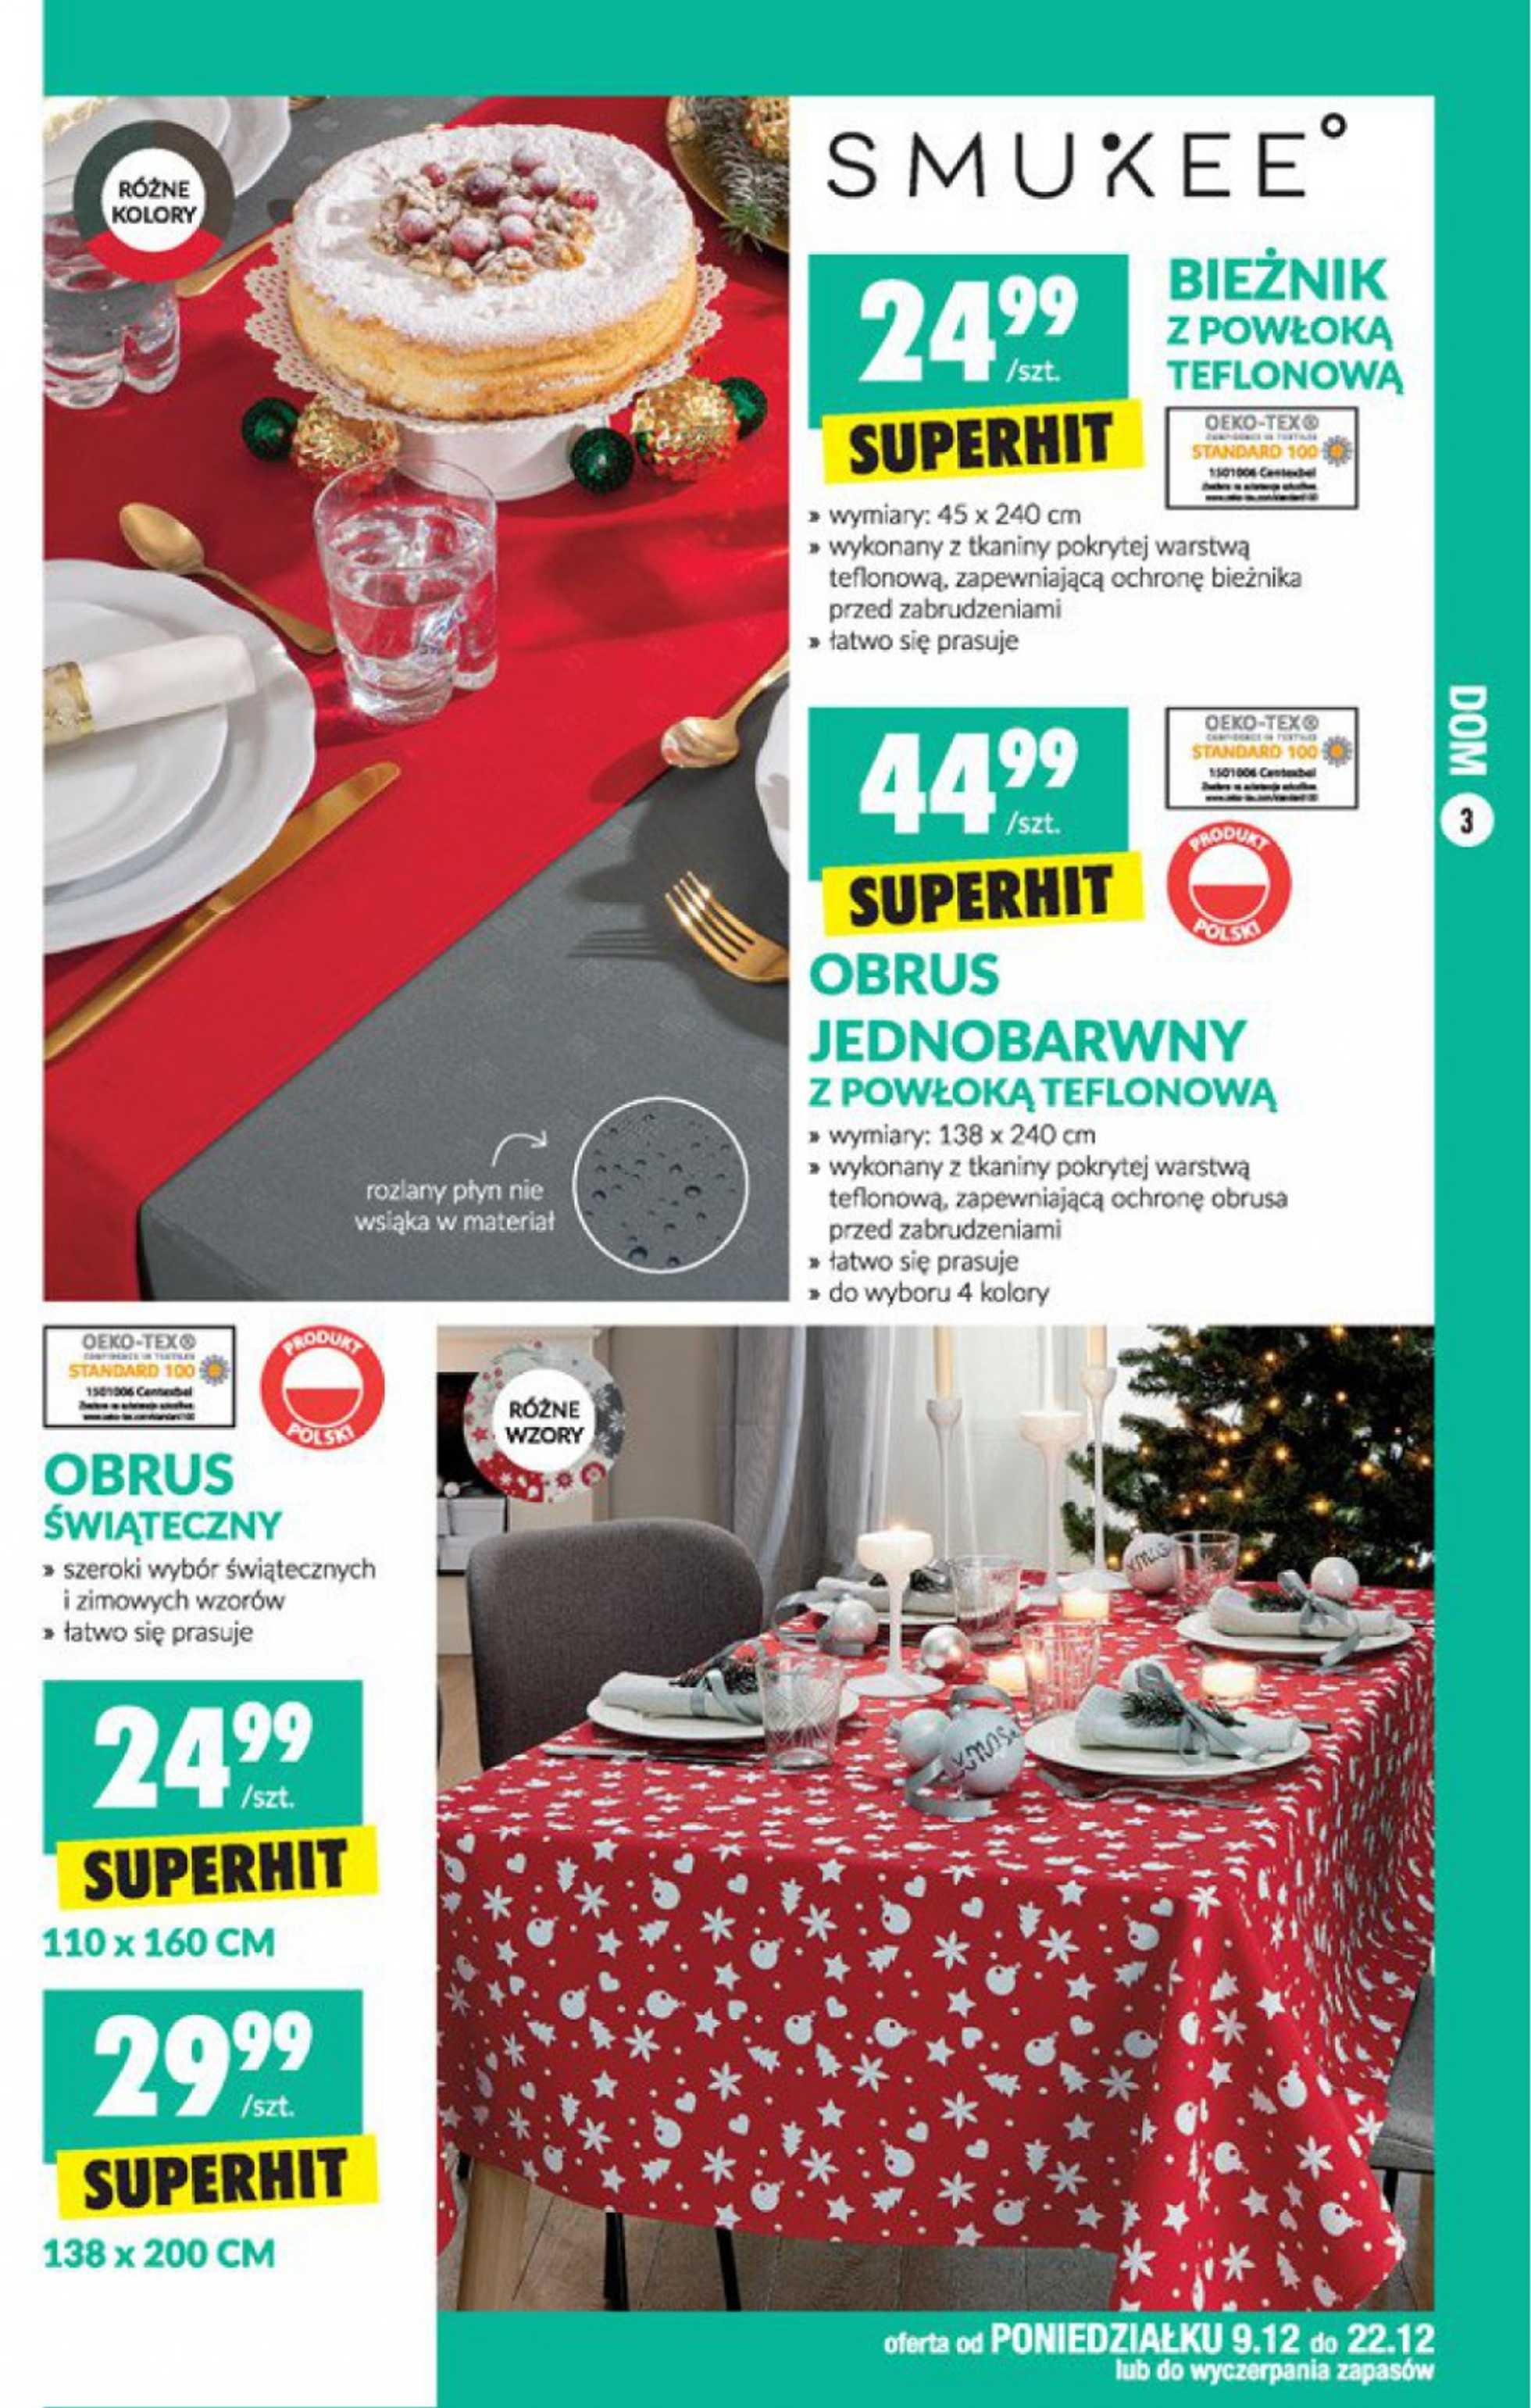 Biedronka - gazetka promocyjna ważna od 09.12.2019 do 22.12.2019 - strona 3.